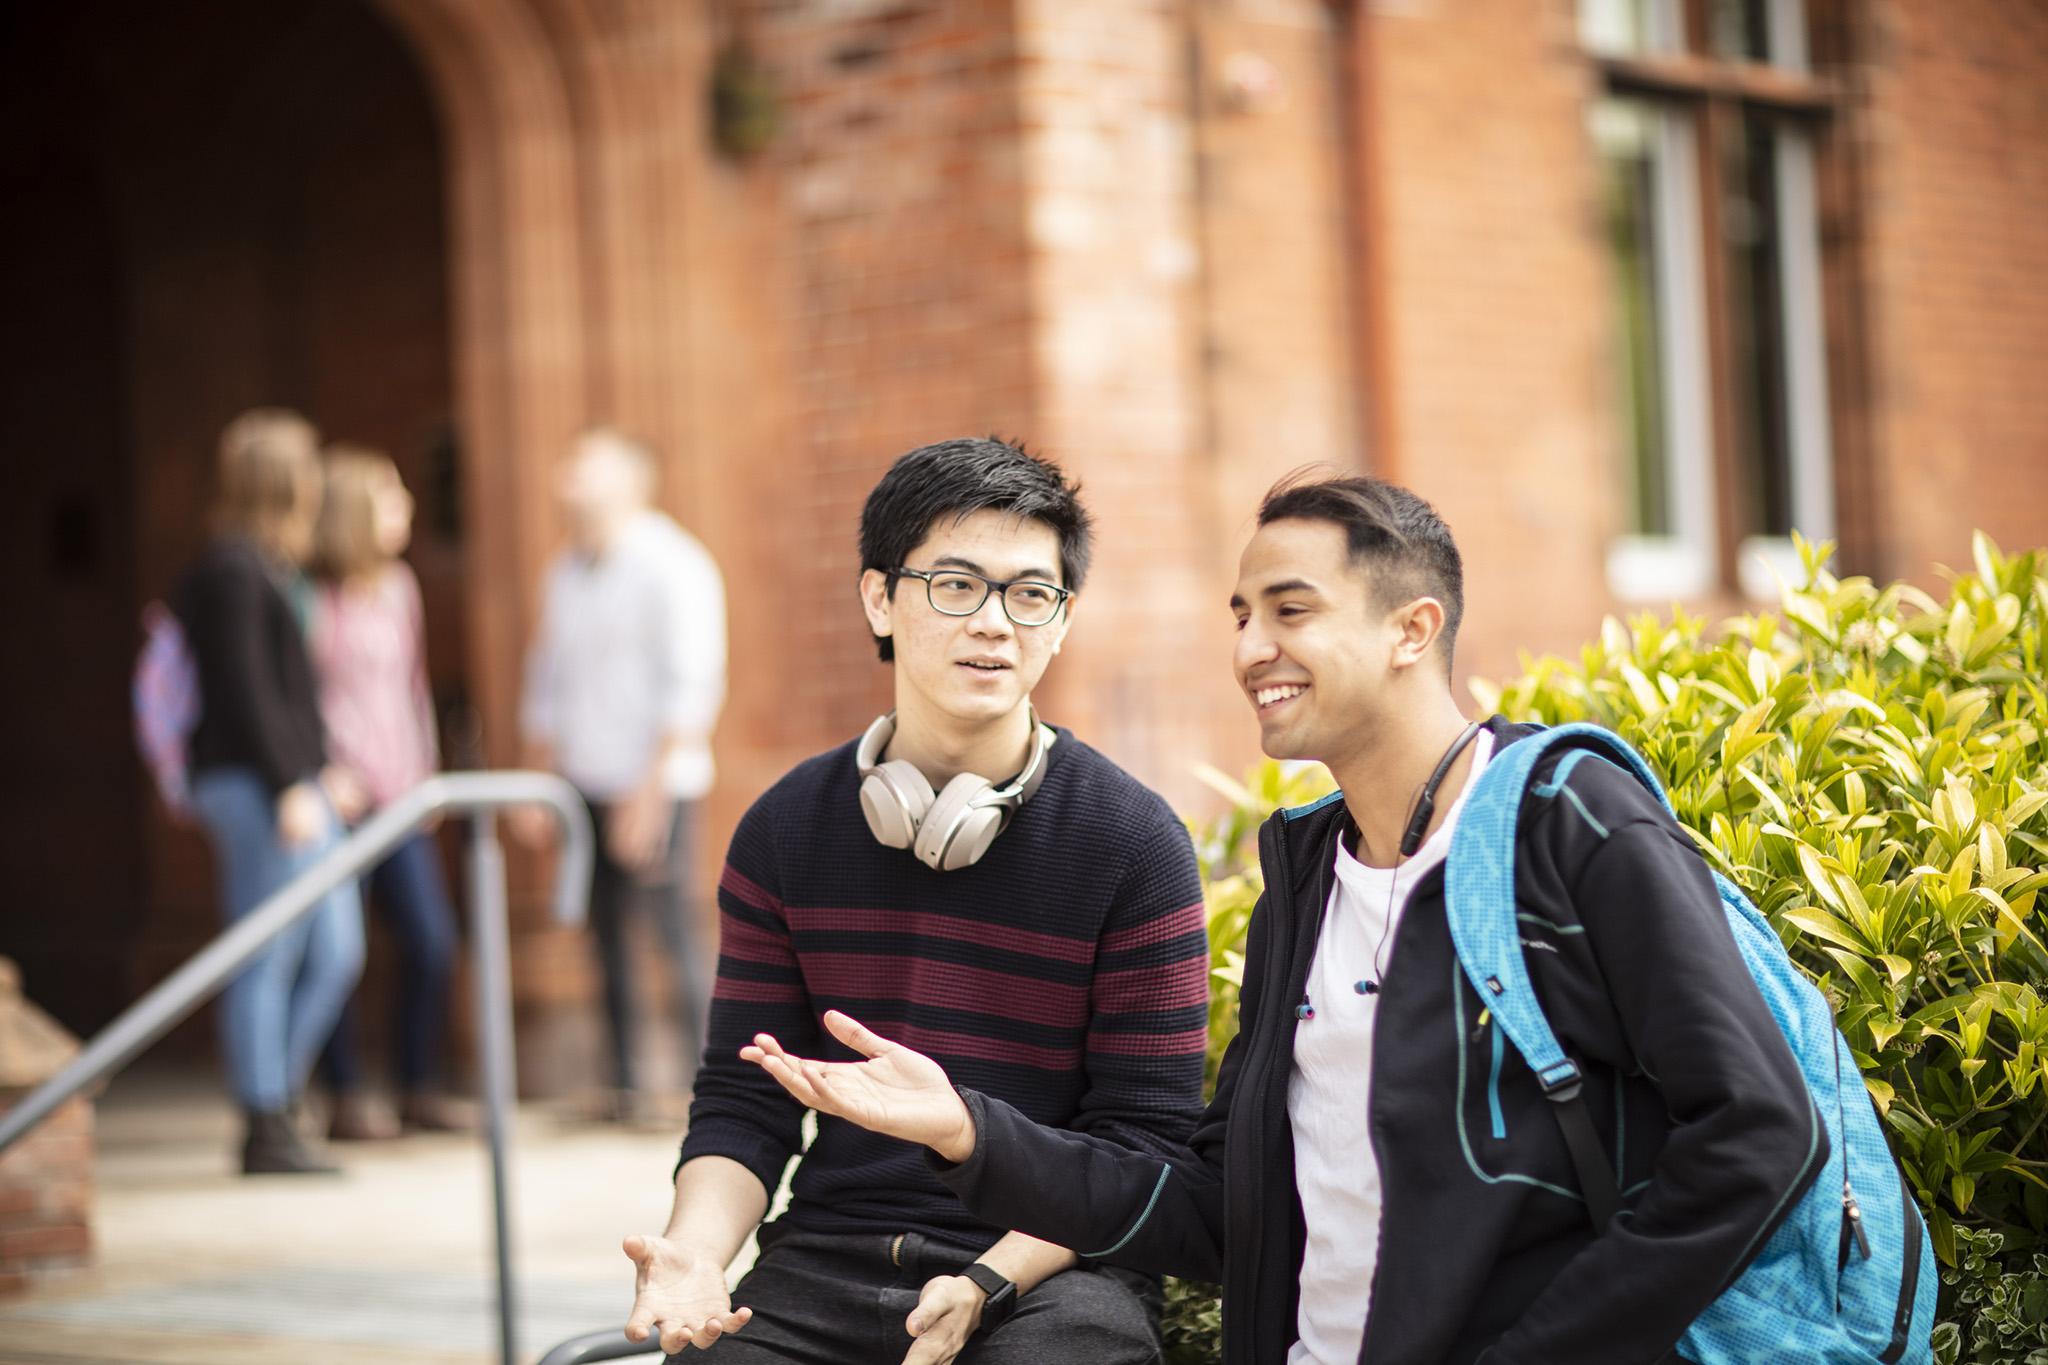 มหาวิทยาลัย เรียนต่อต่างประเทศ